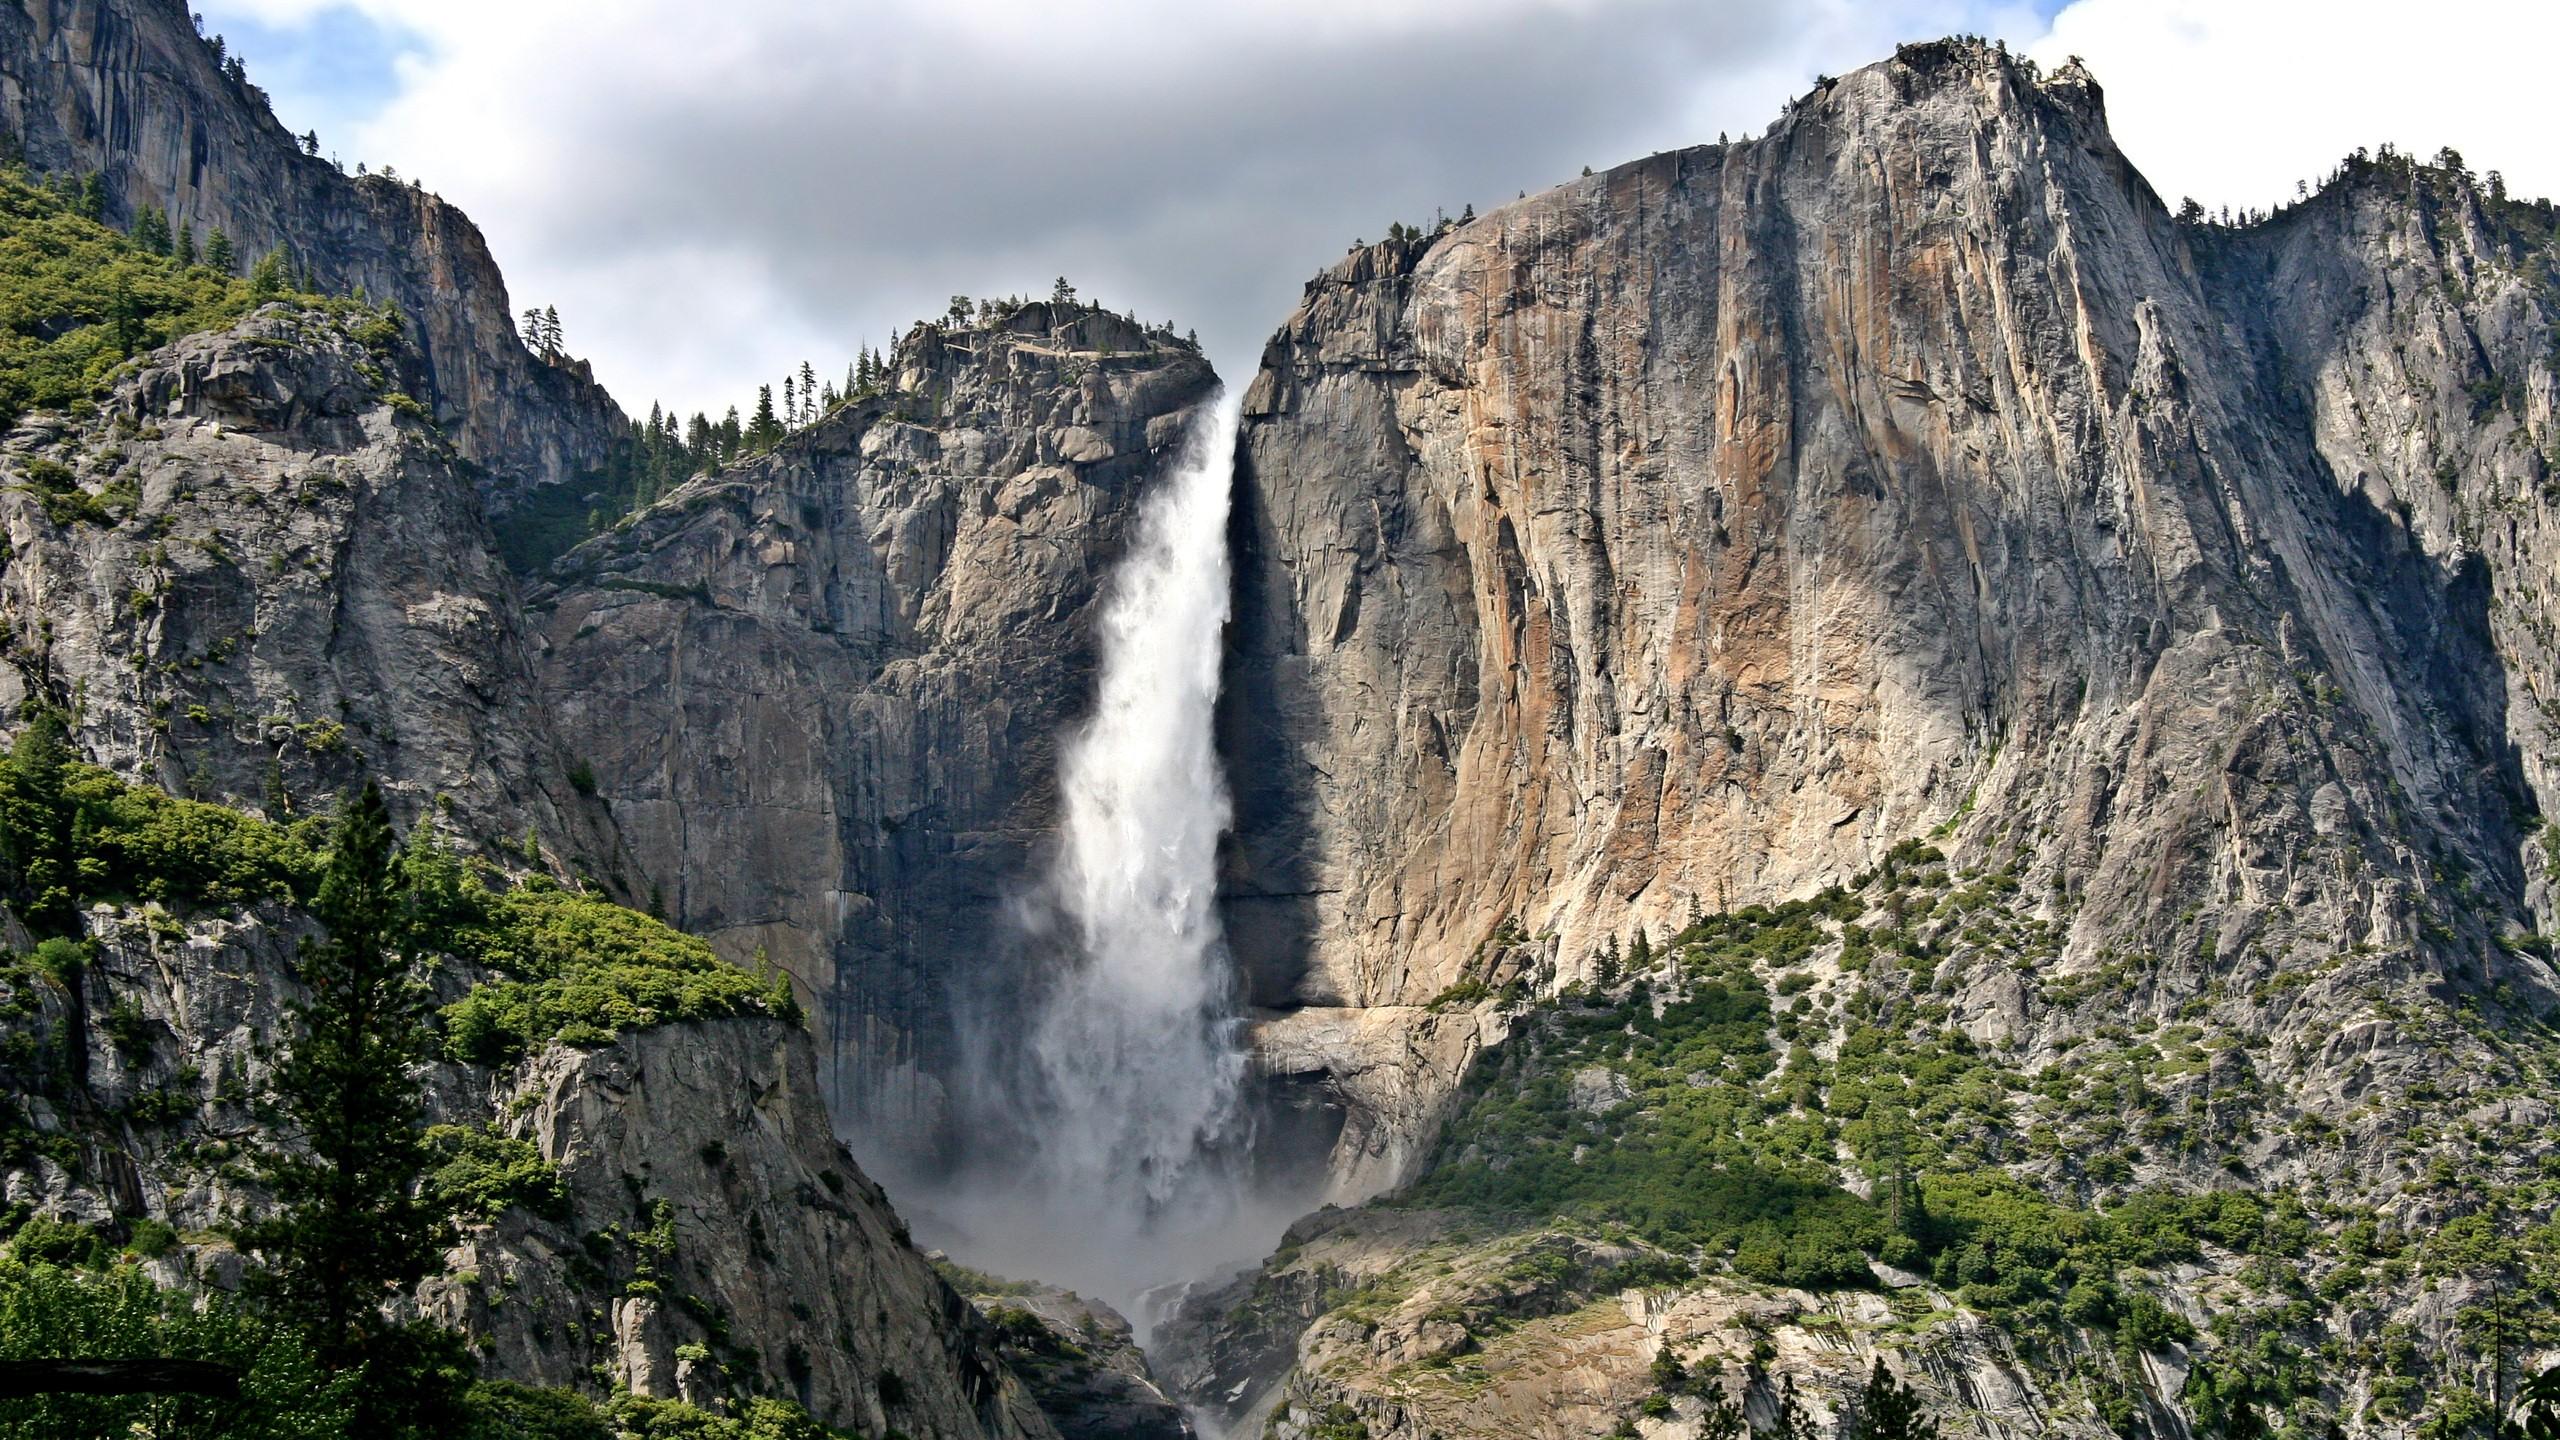 Yosemite wallpaper ·① Download free wallpapers for desktop ...